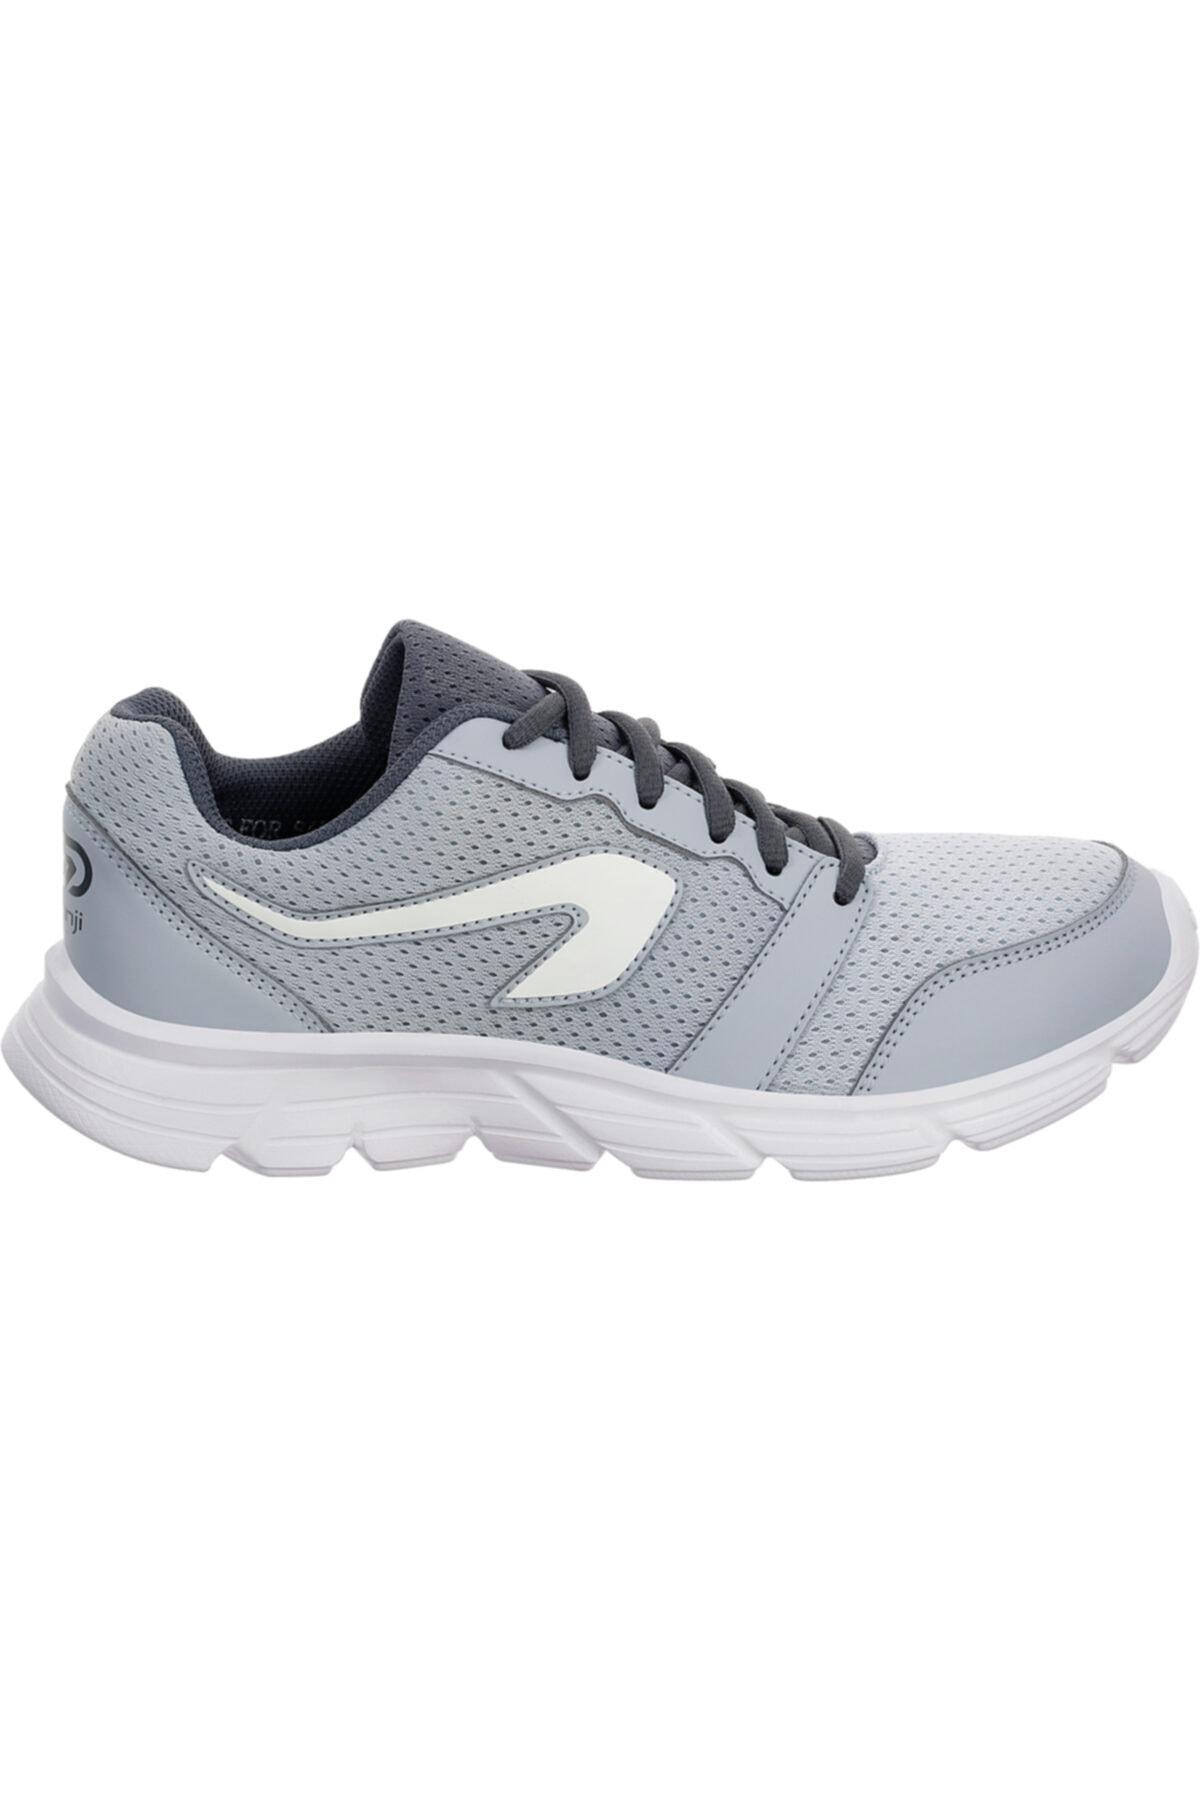 Kadın Gri Koşu Spor Ayakkabı Run 100